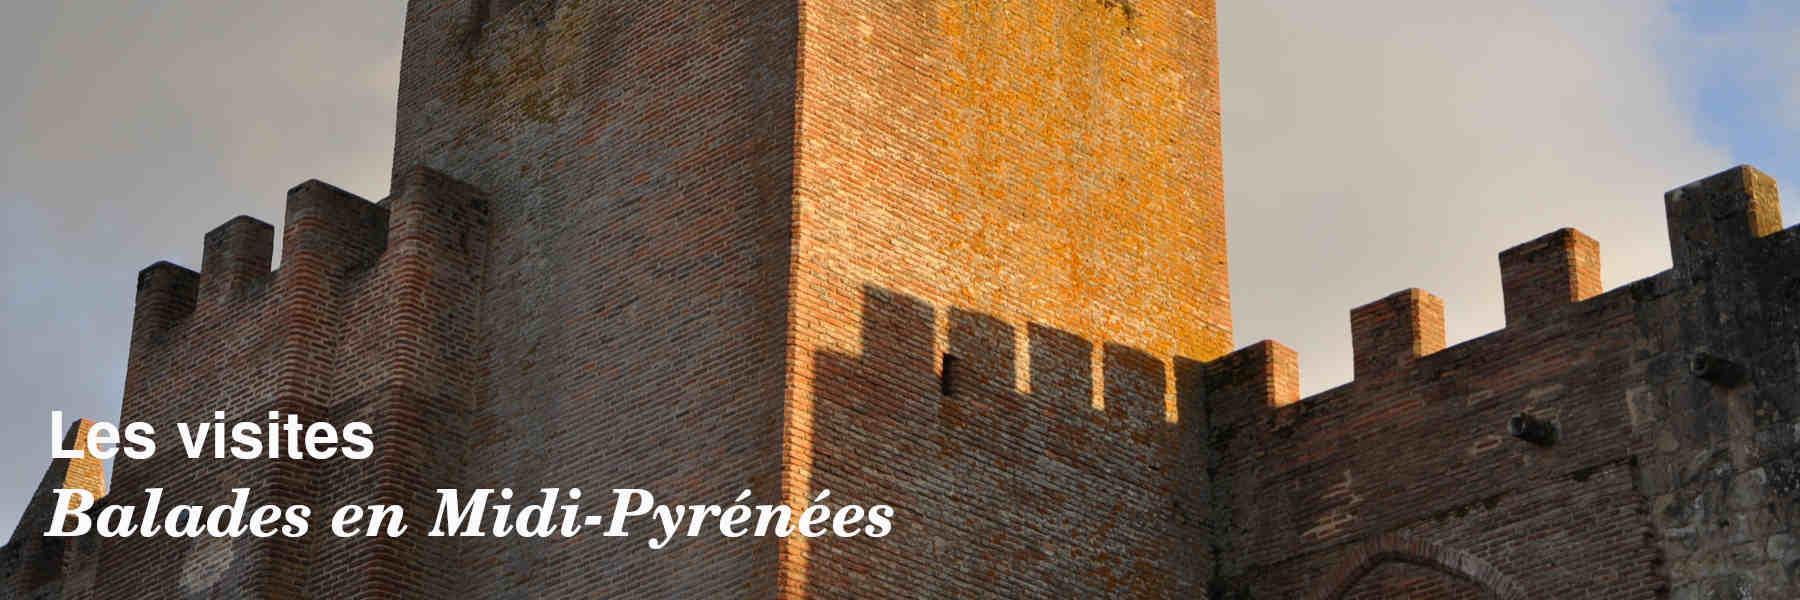 Visites en Midi-Pyrénées